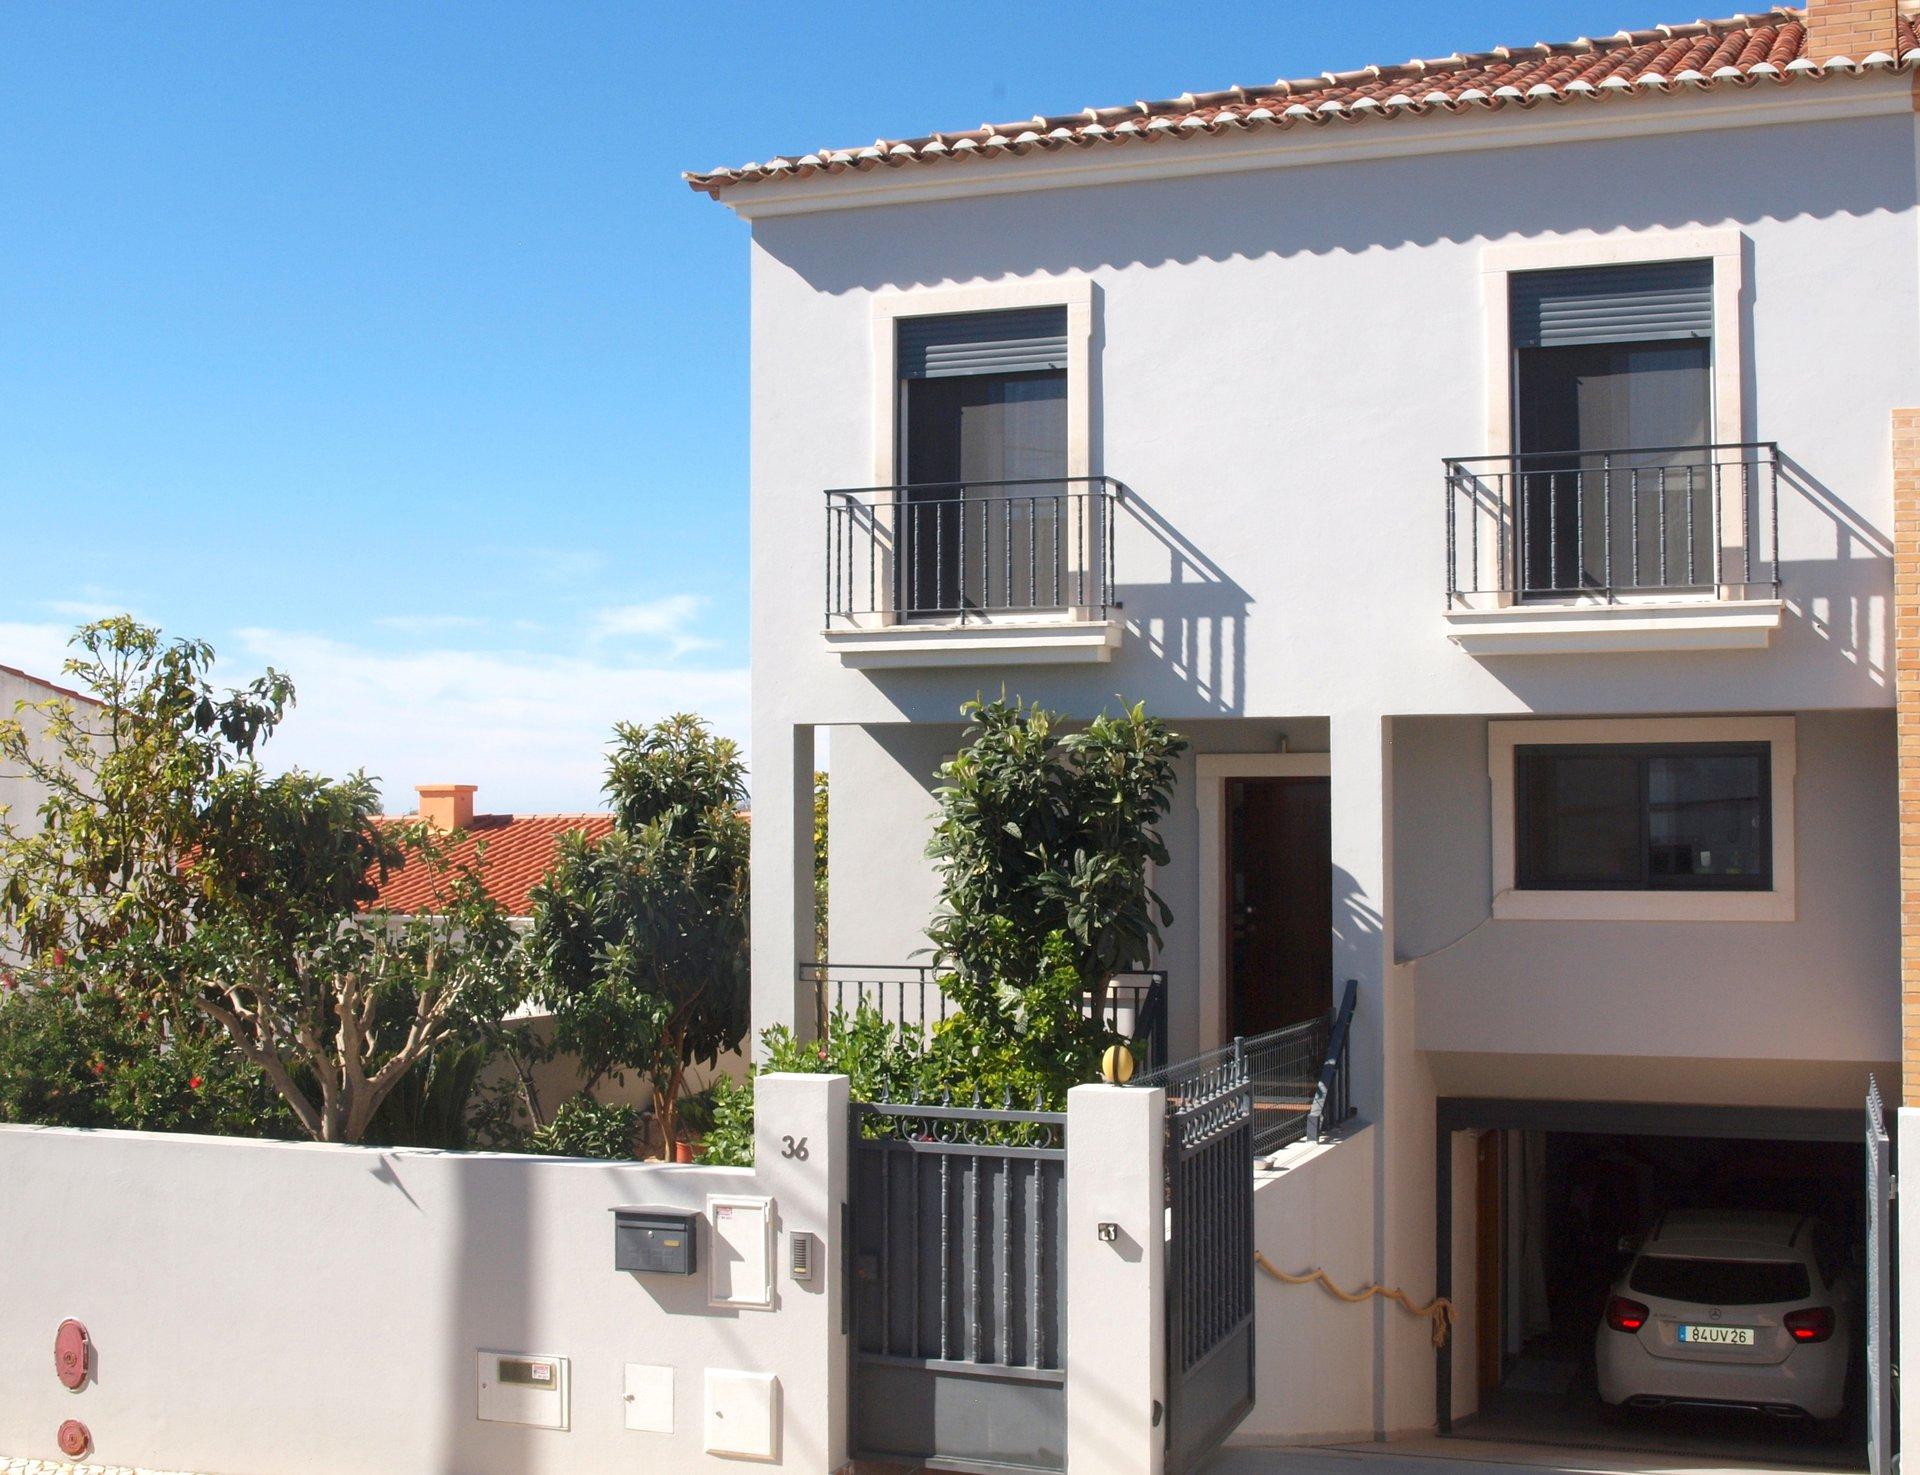 4 Bedroom Villa Santa Barbara de Nexe, Central Algarve Ref: RV5463